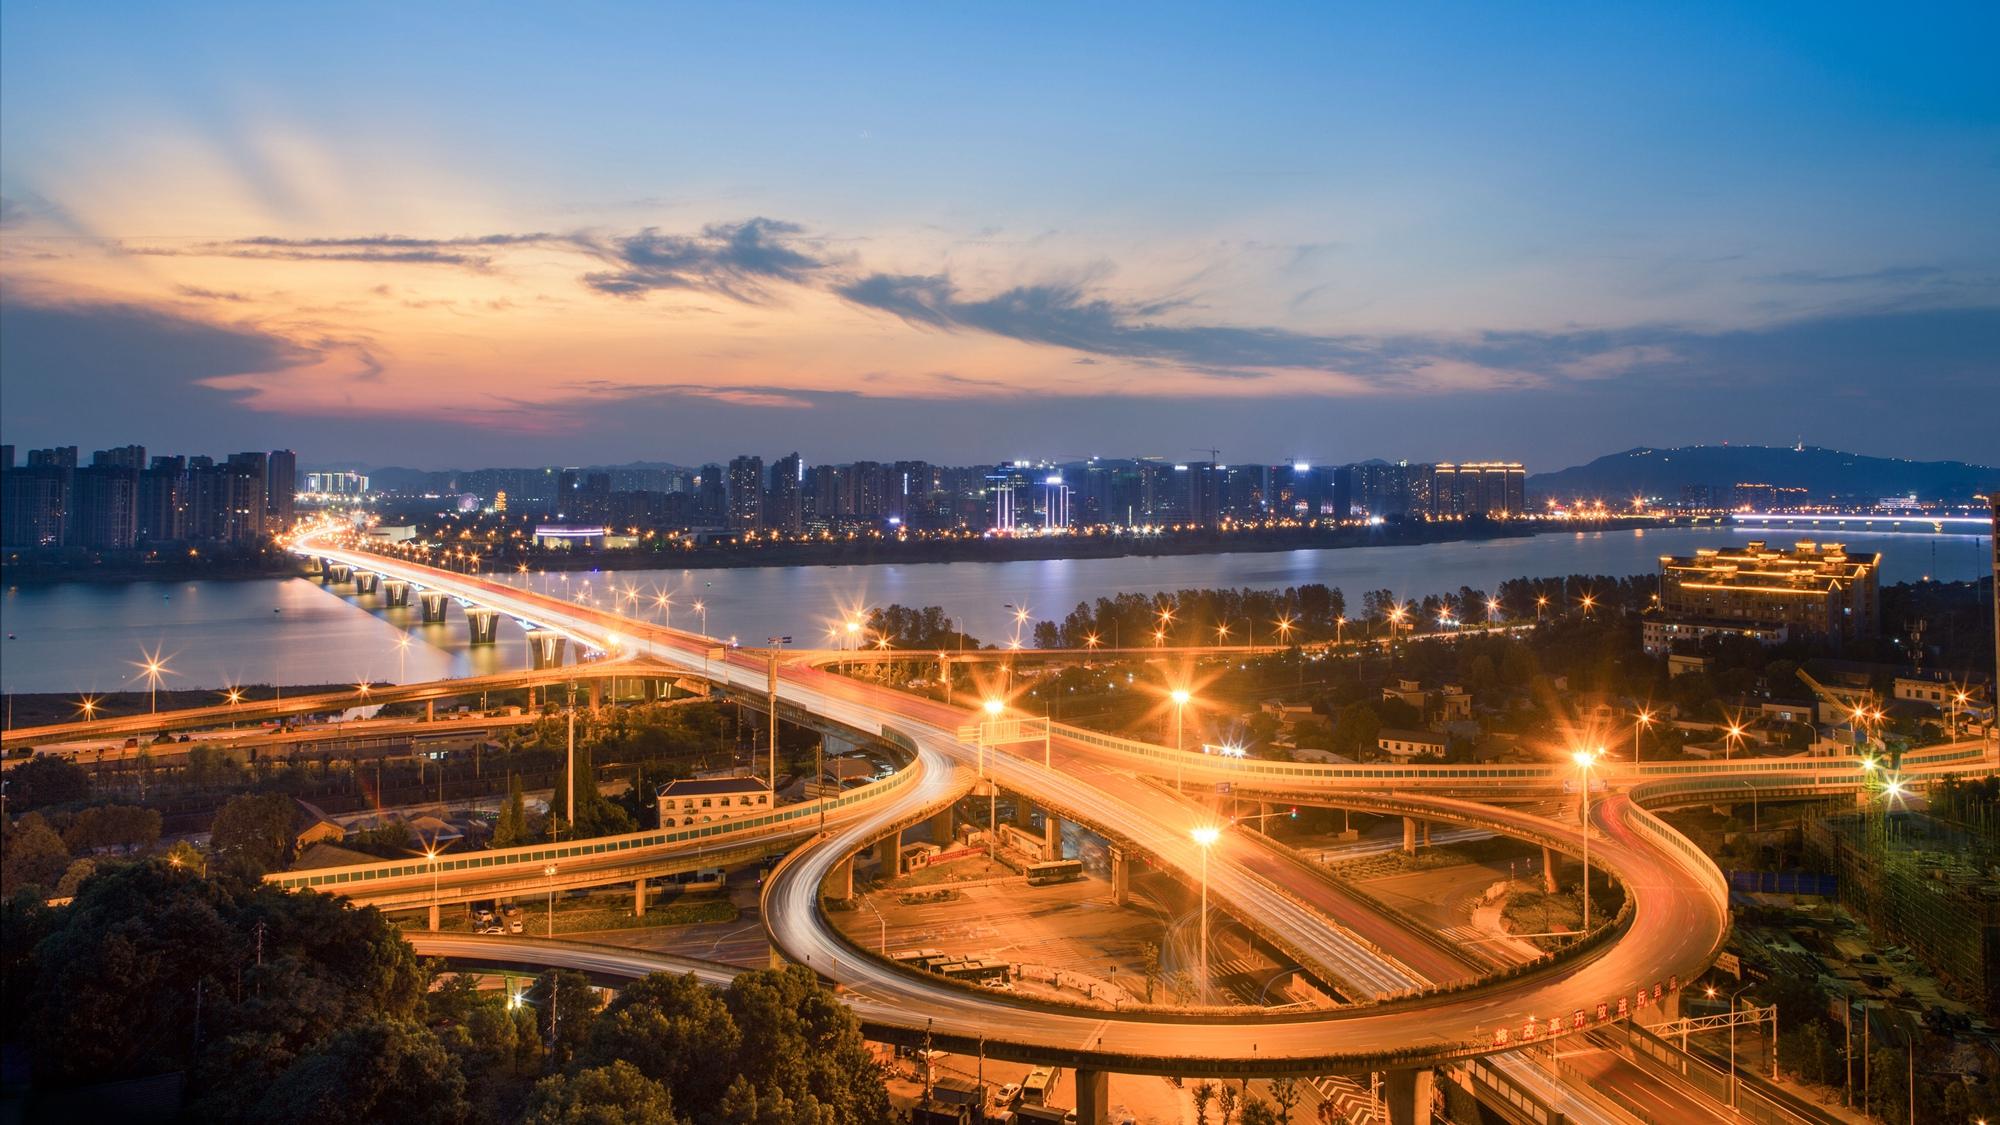 【4号作品:长龙飞渡】 灯火映照,湘府路大桥长龙飞渡,河东河西相得益彰,绚丽多彩。